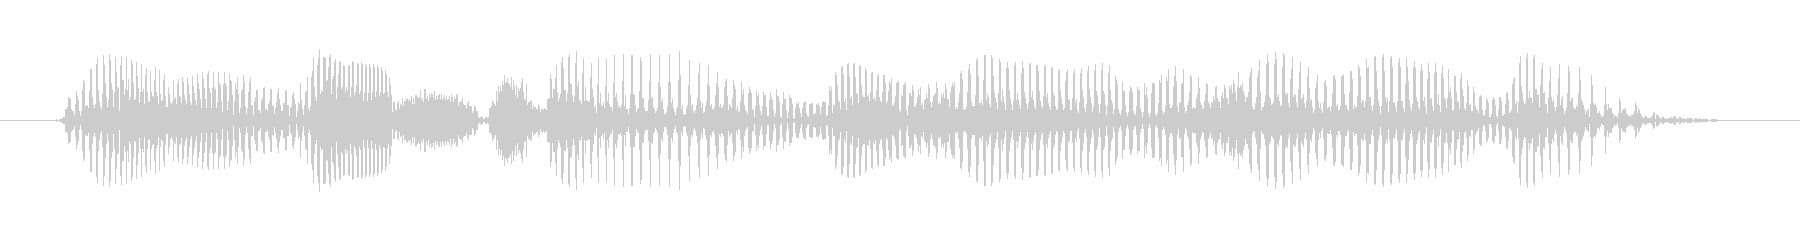 シニア男性A:1つの良いターンに値するの未再生の波形